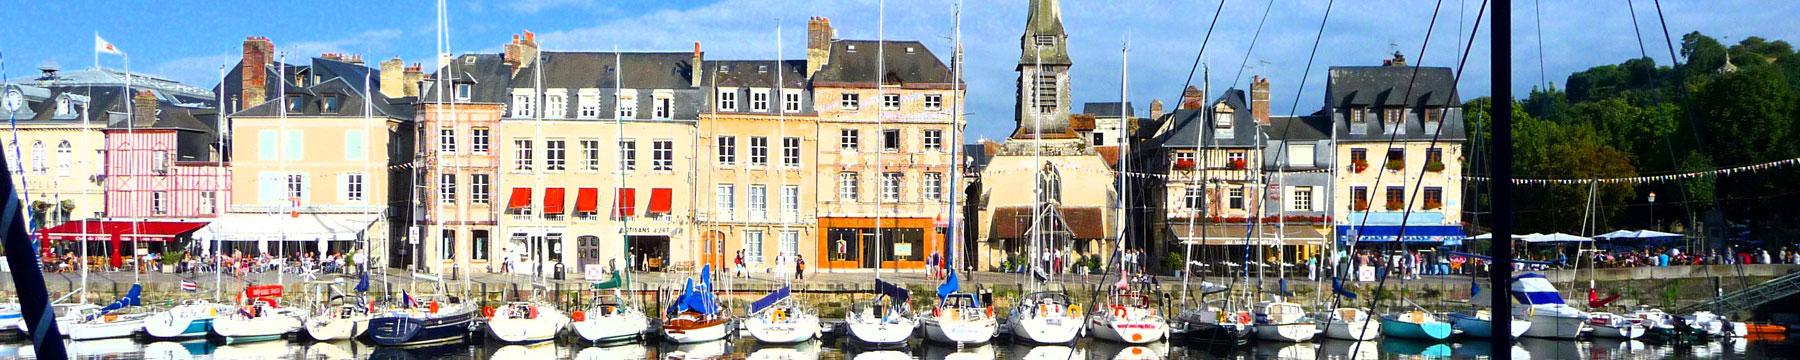 Alquiler de bicicletas en Francia - FranceBikeHire